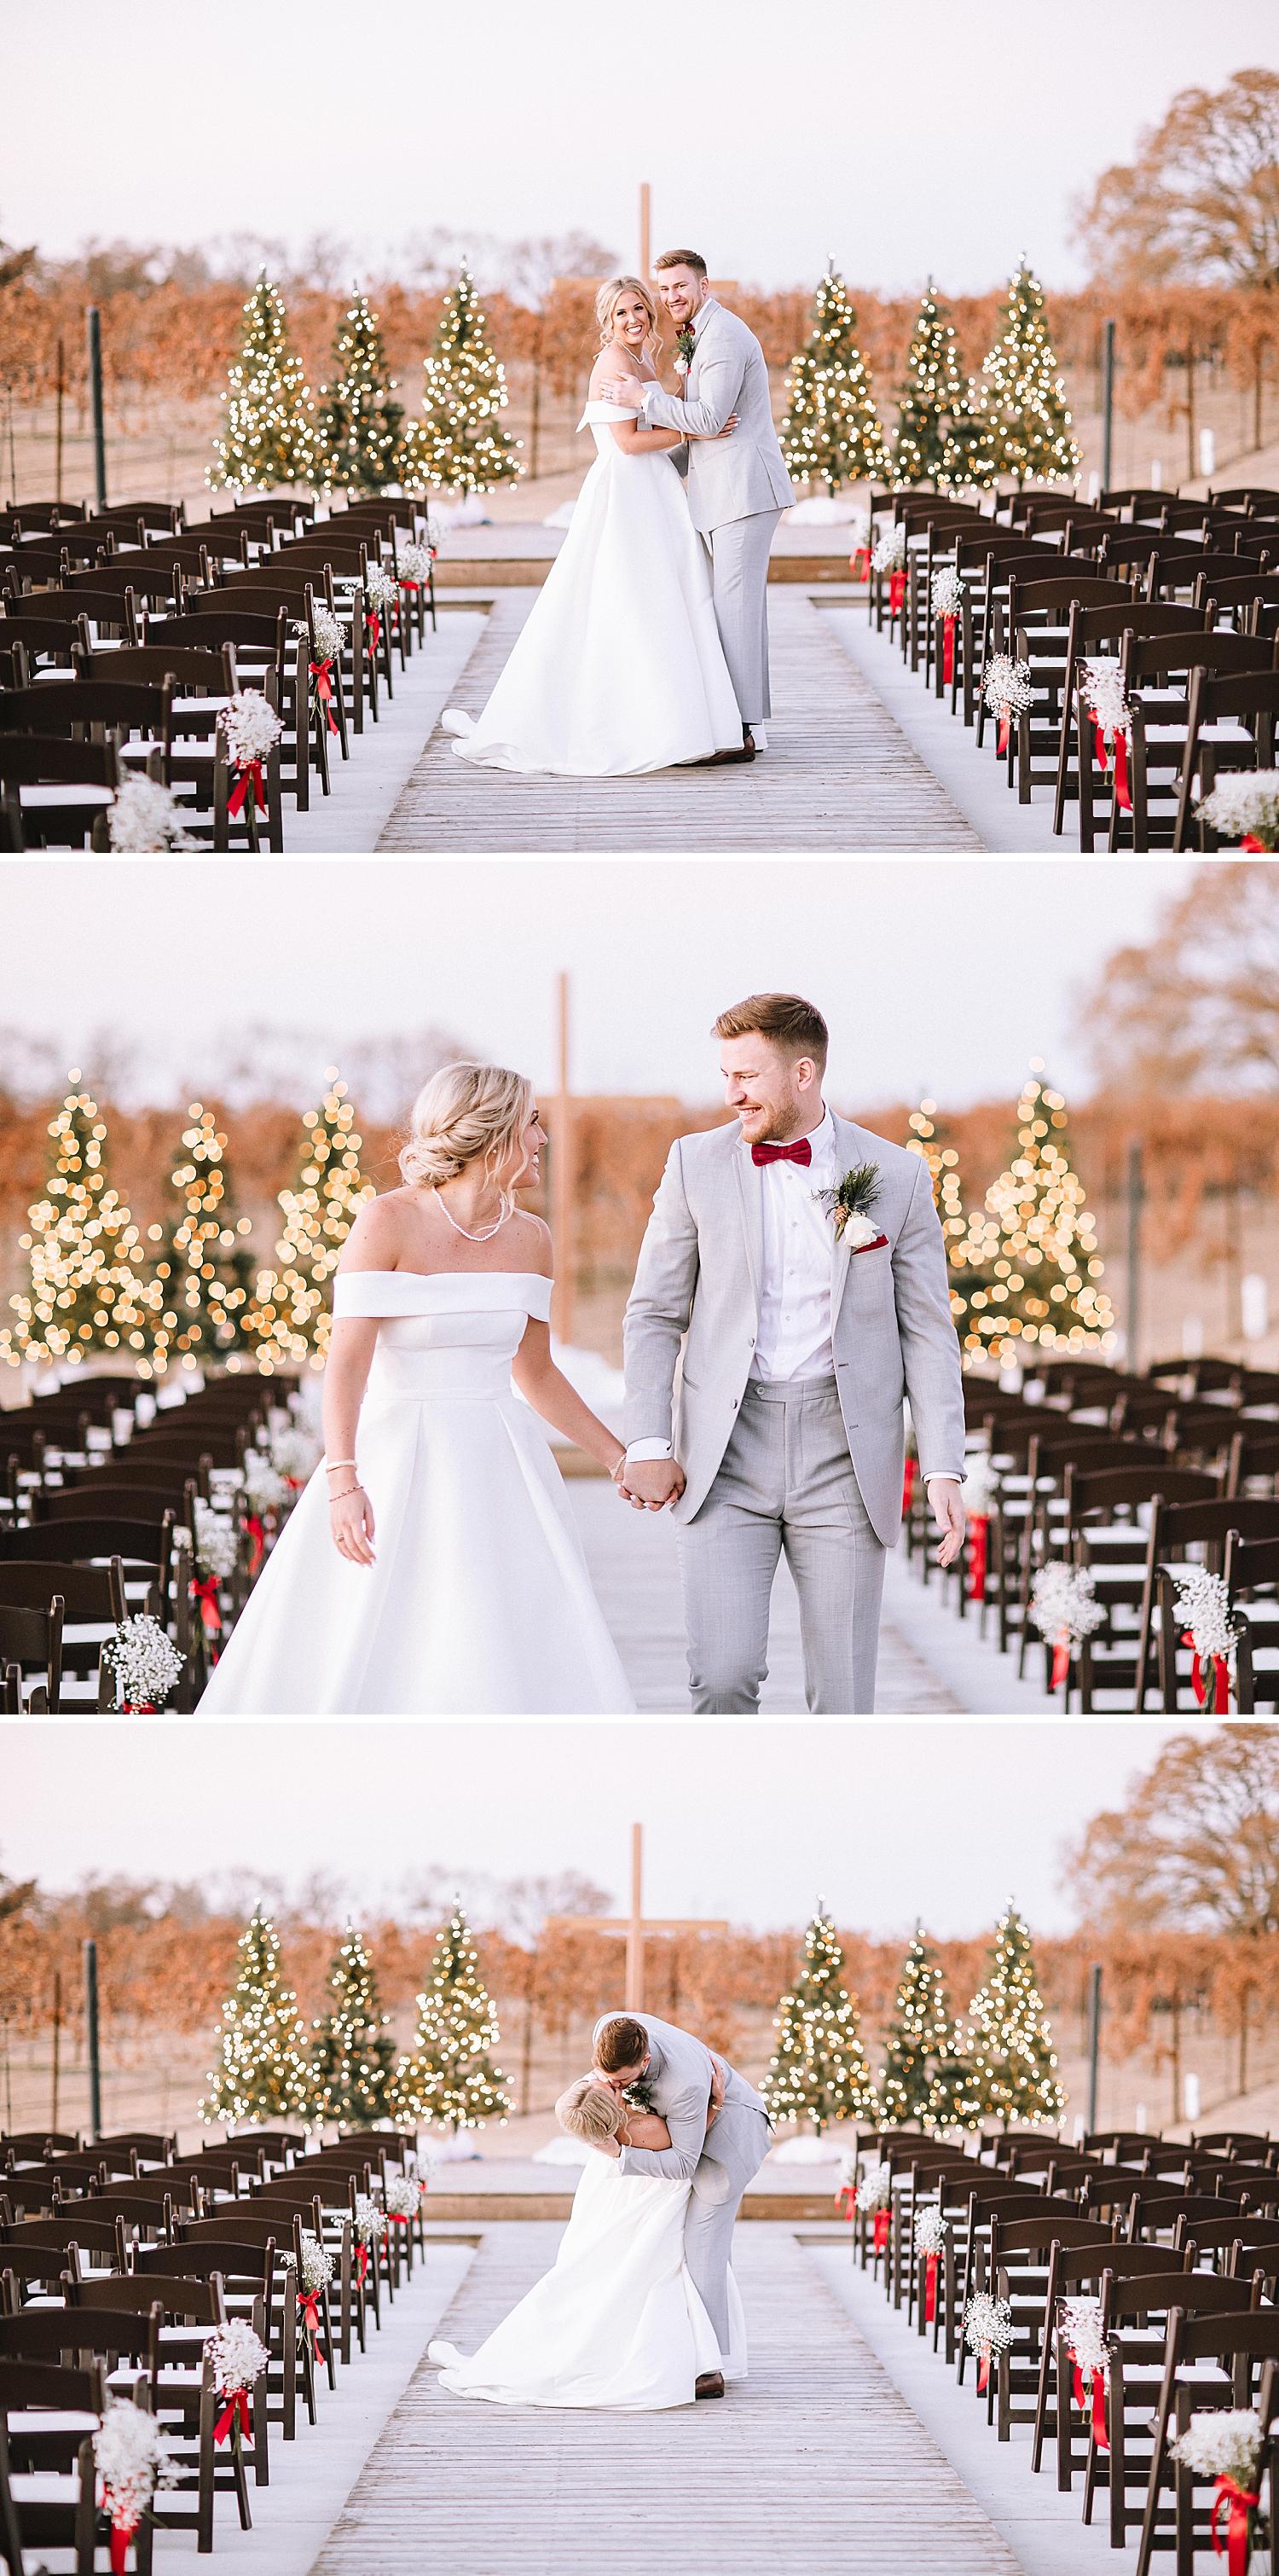 College-Station-Aggie-Wedding-The-Weinberg-at-Wixon-Valley-Christmas-Hallmark-Wedding_0066.jpg